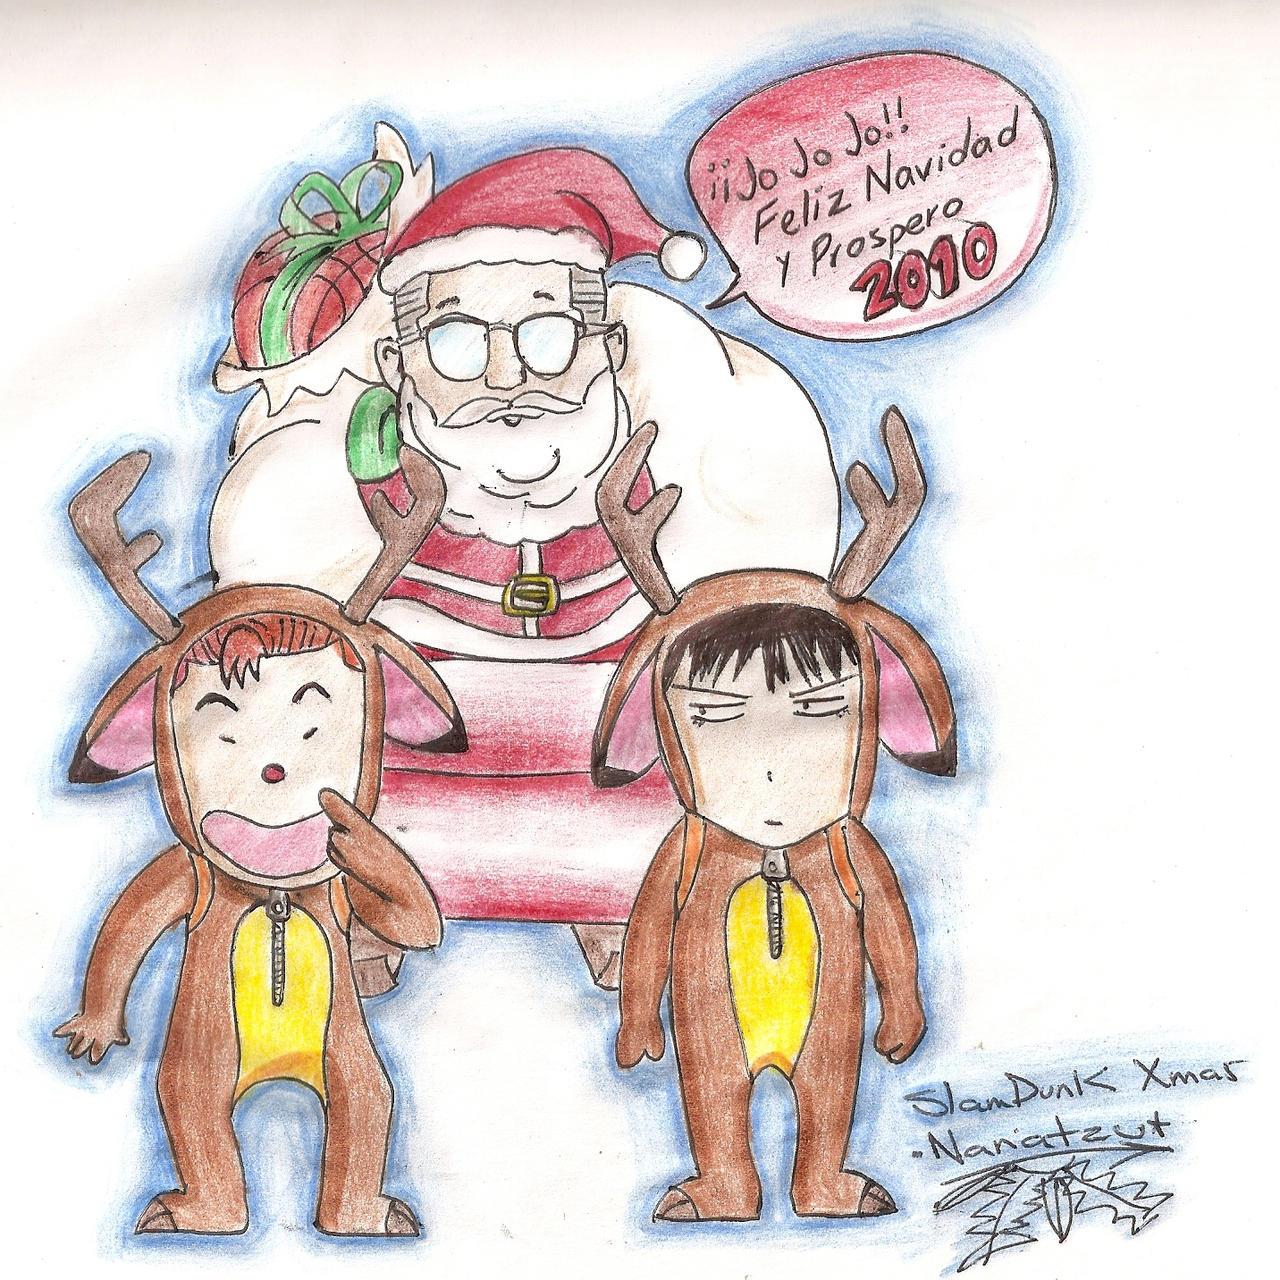 Slam Dunk Navidad By Nanatzu On DeviantArt